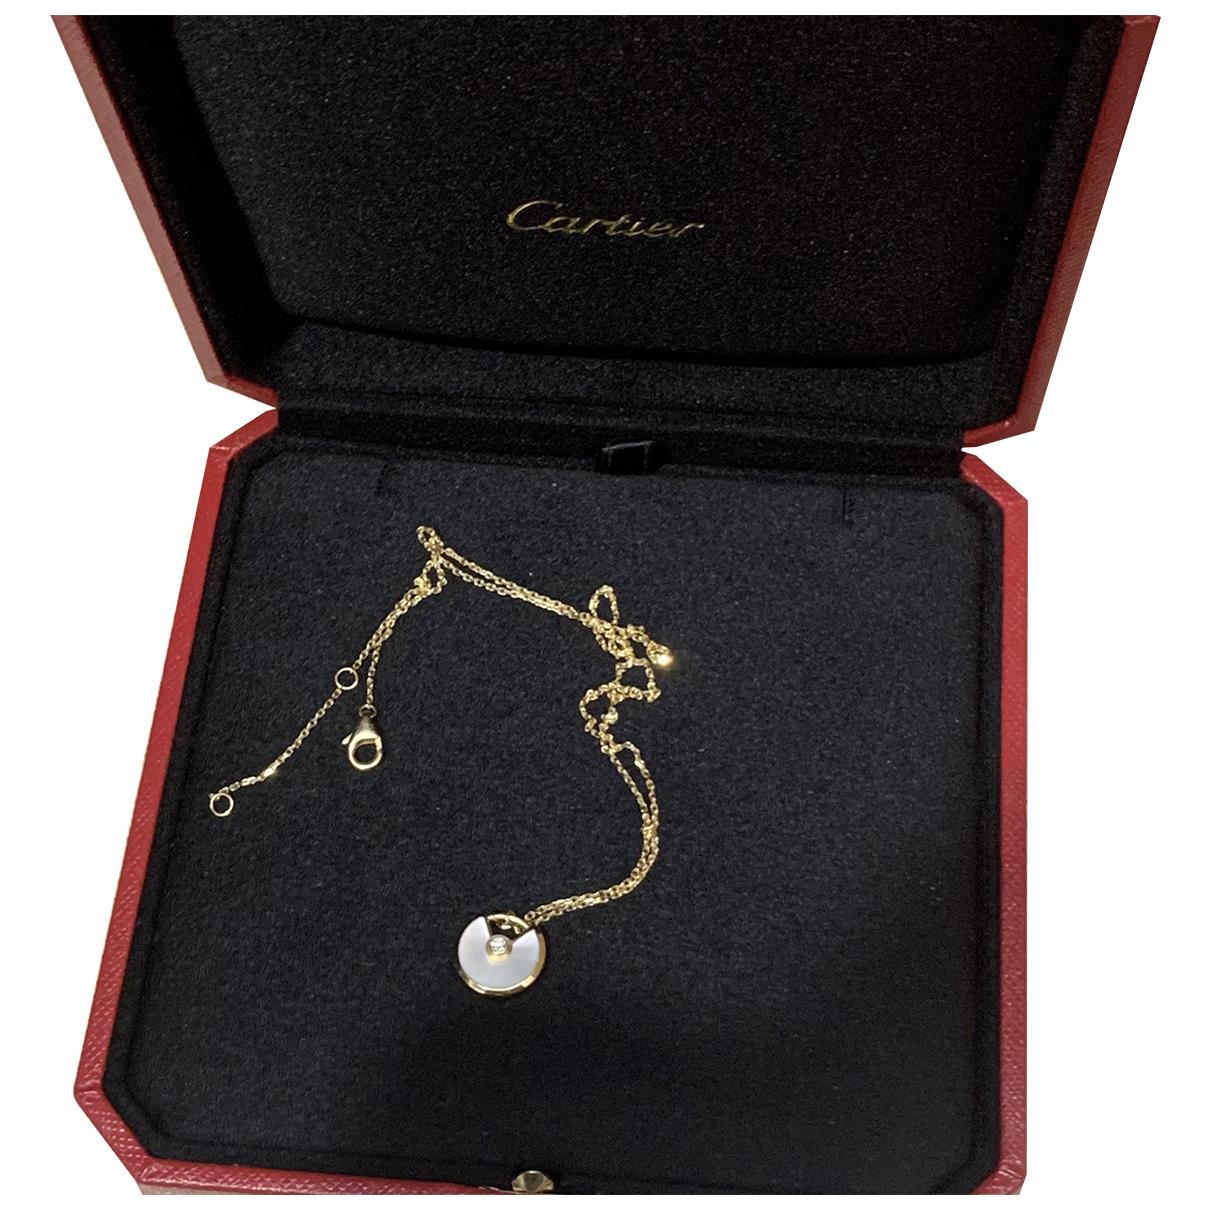 Cartier Amulette Kette in  Beige Gelbgold